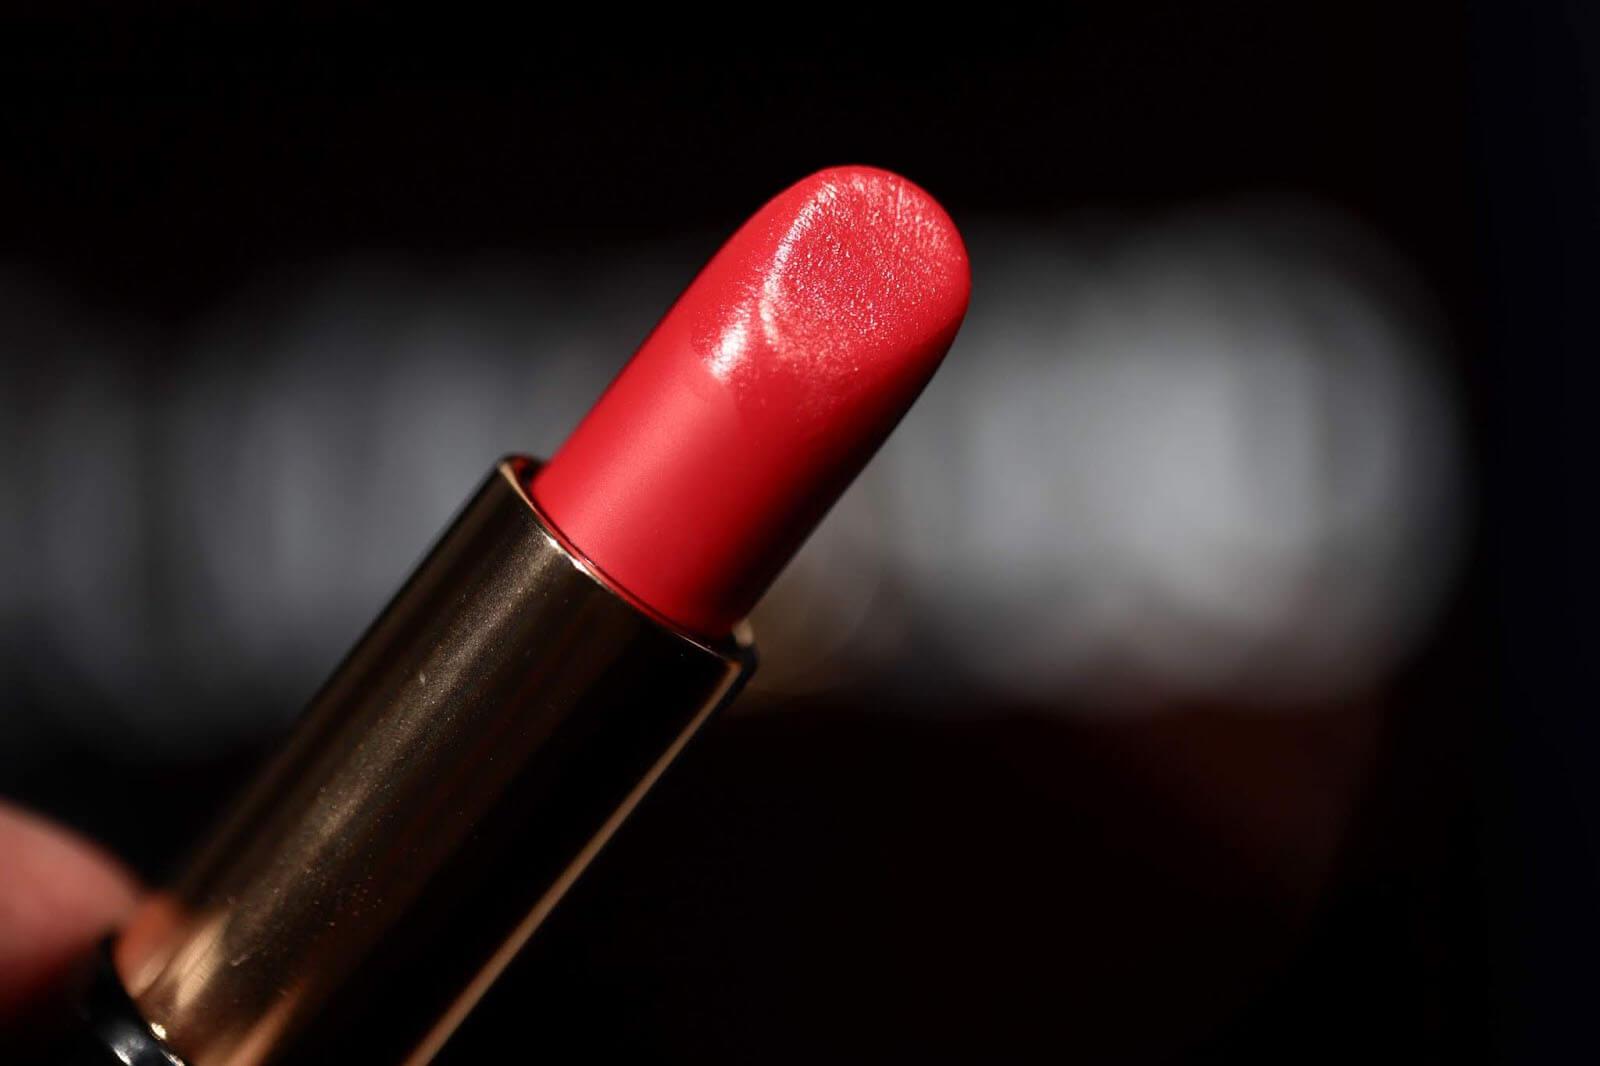 Lancôme Mert Marcus L'Absolu Rouge 198 Rouge Flamboyant avis